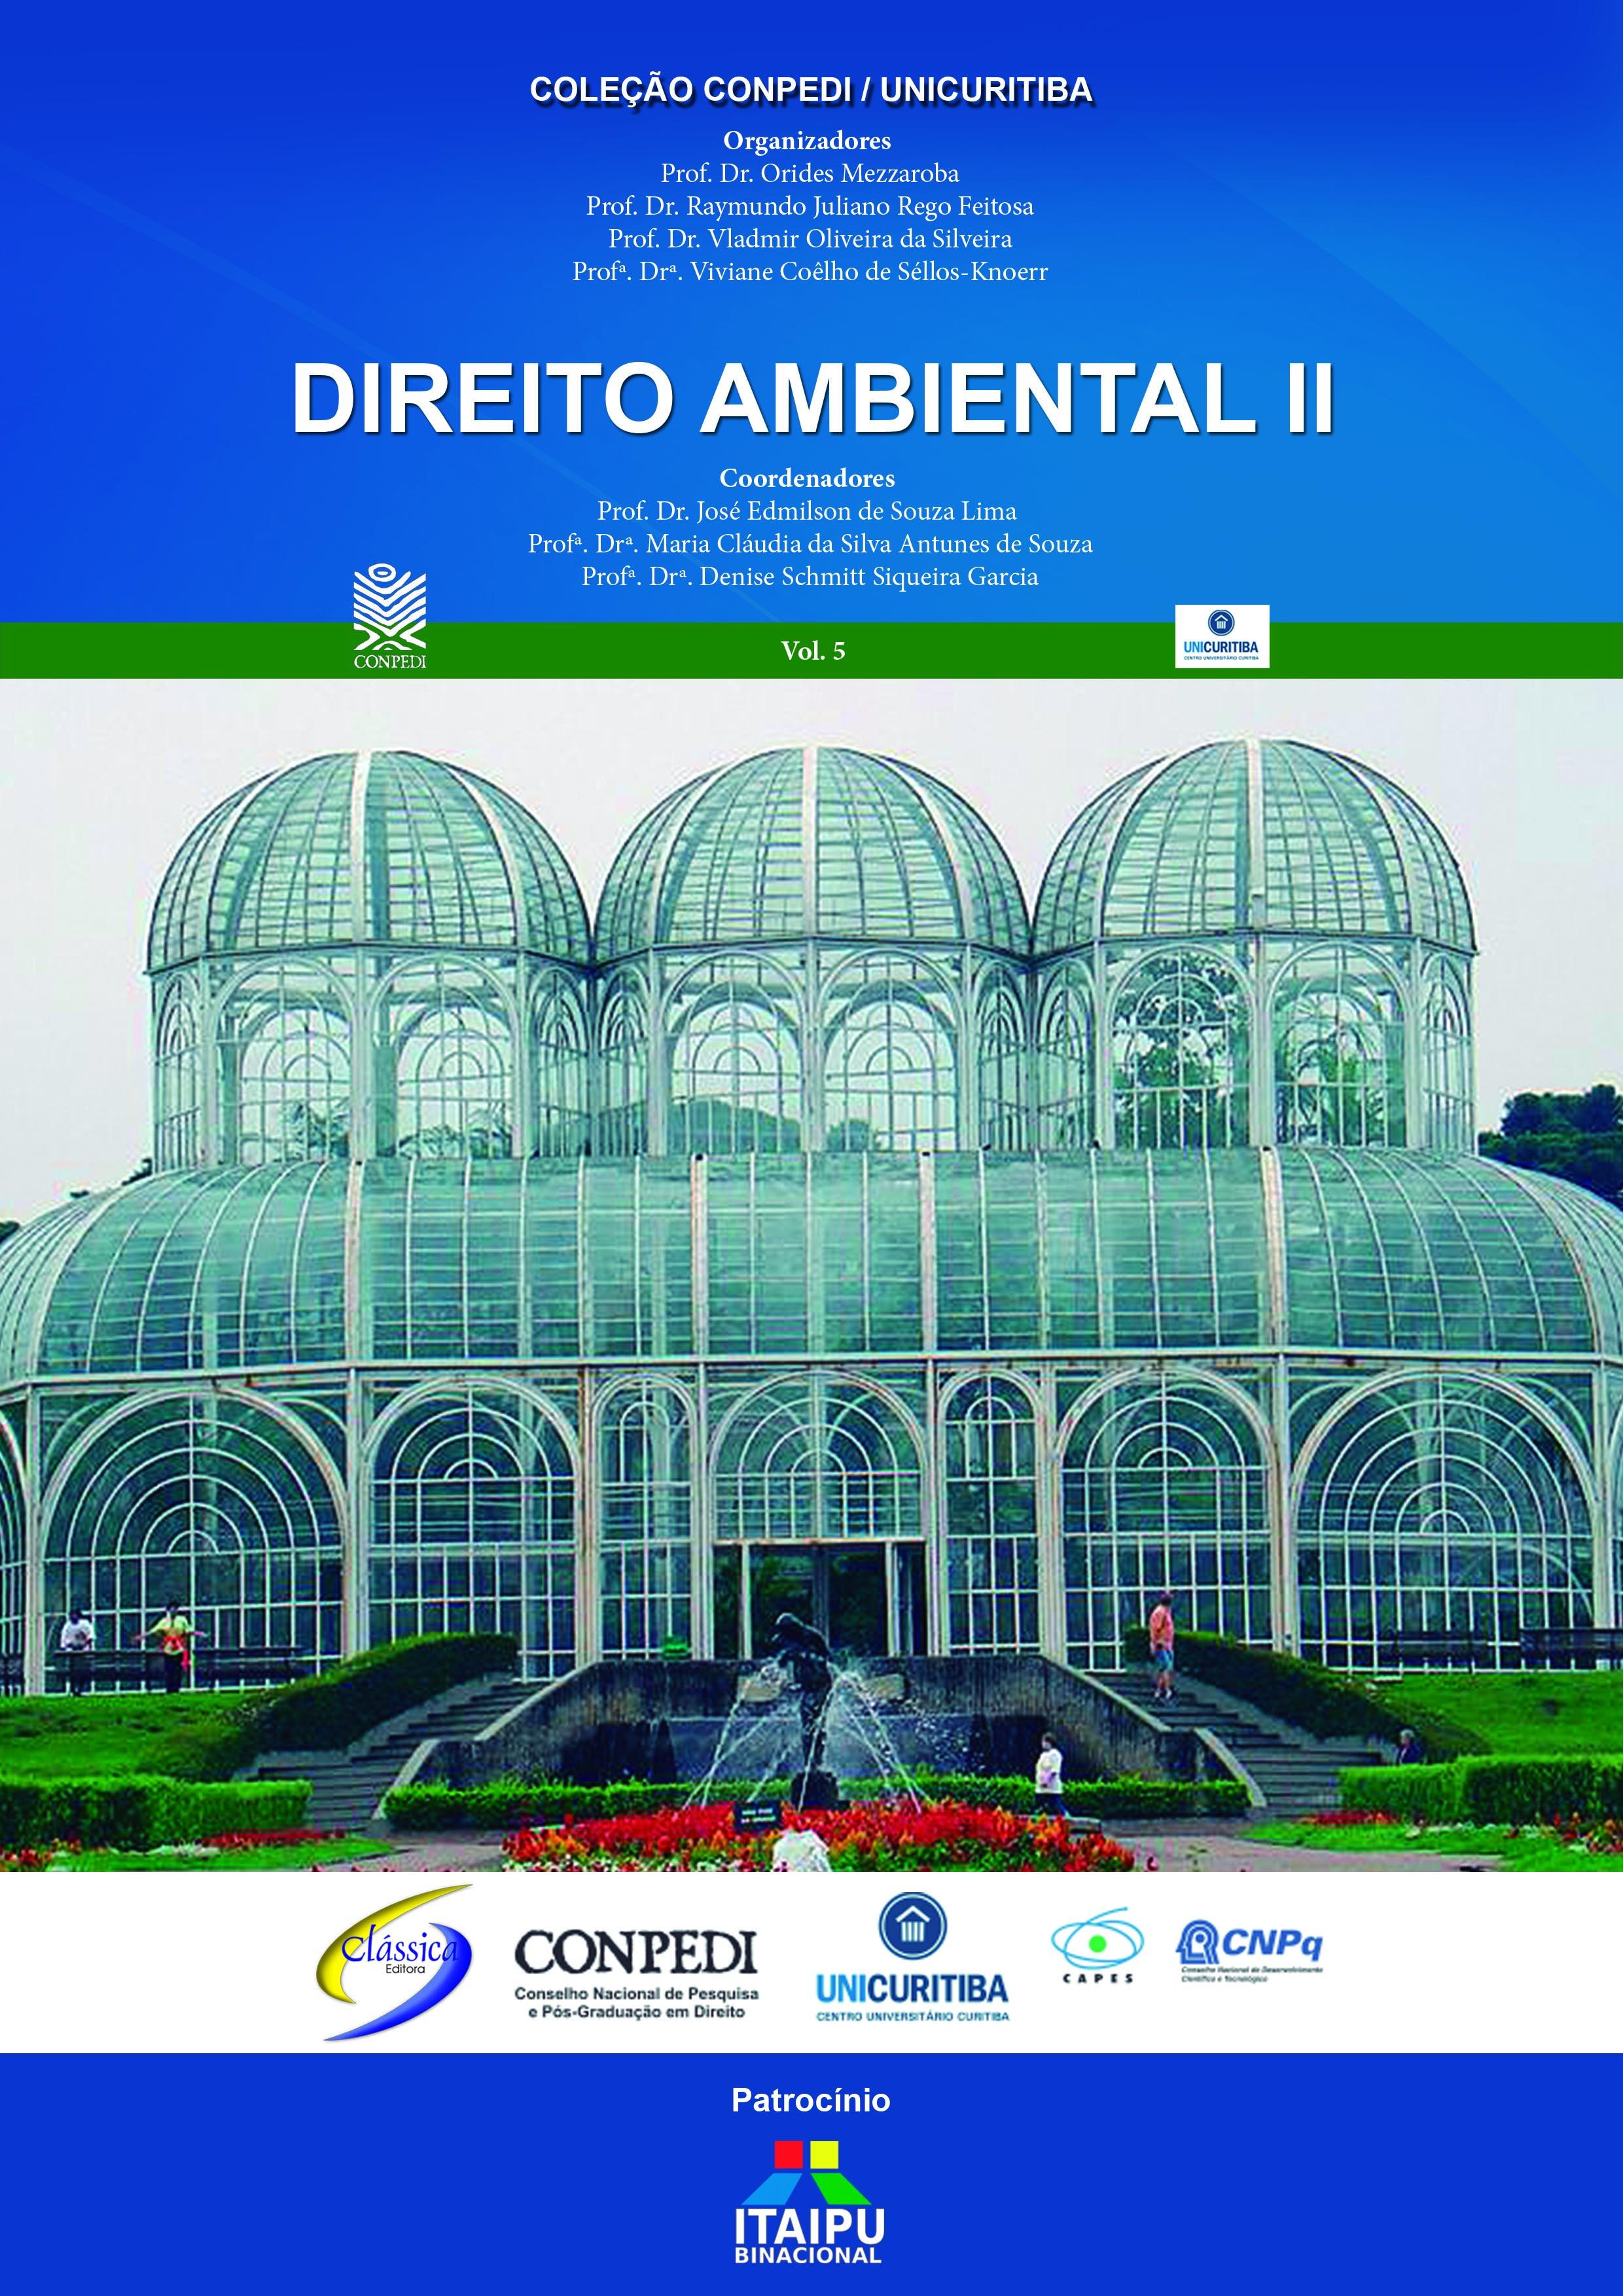 Direito Ambiental 2 vol. 05